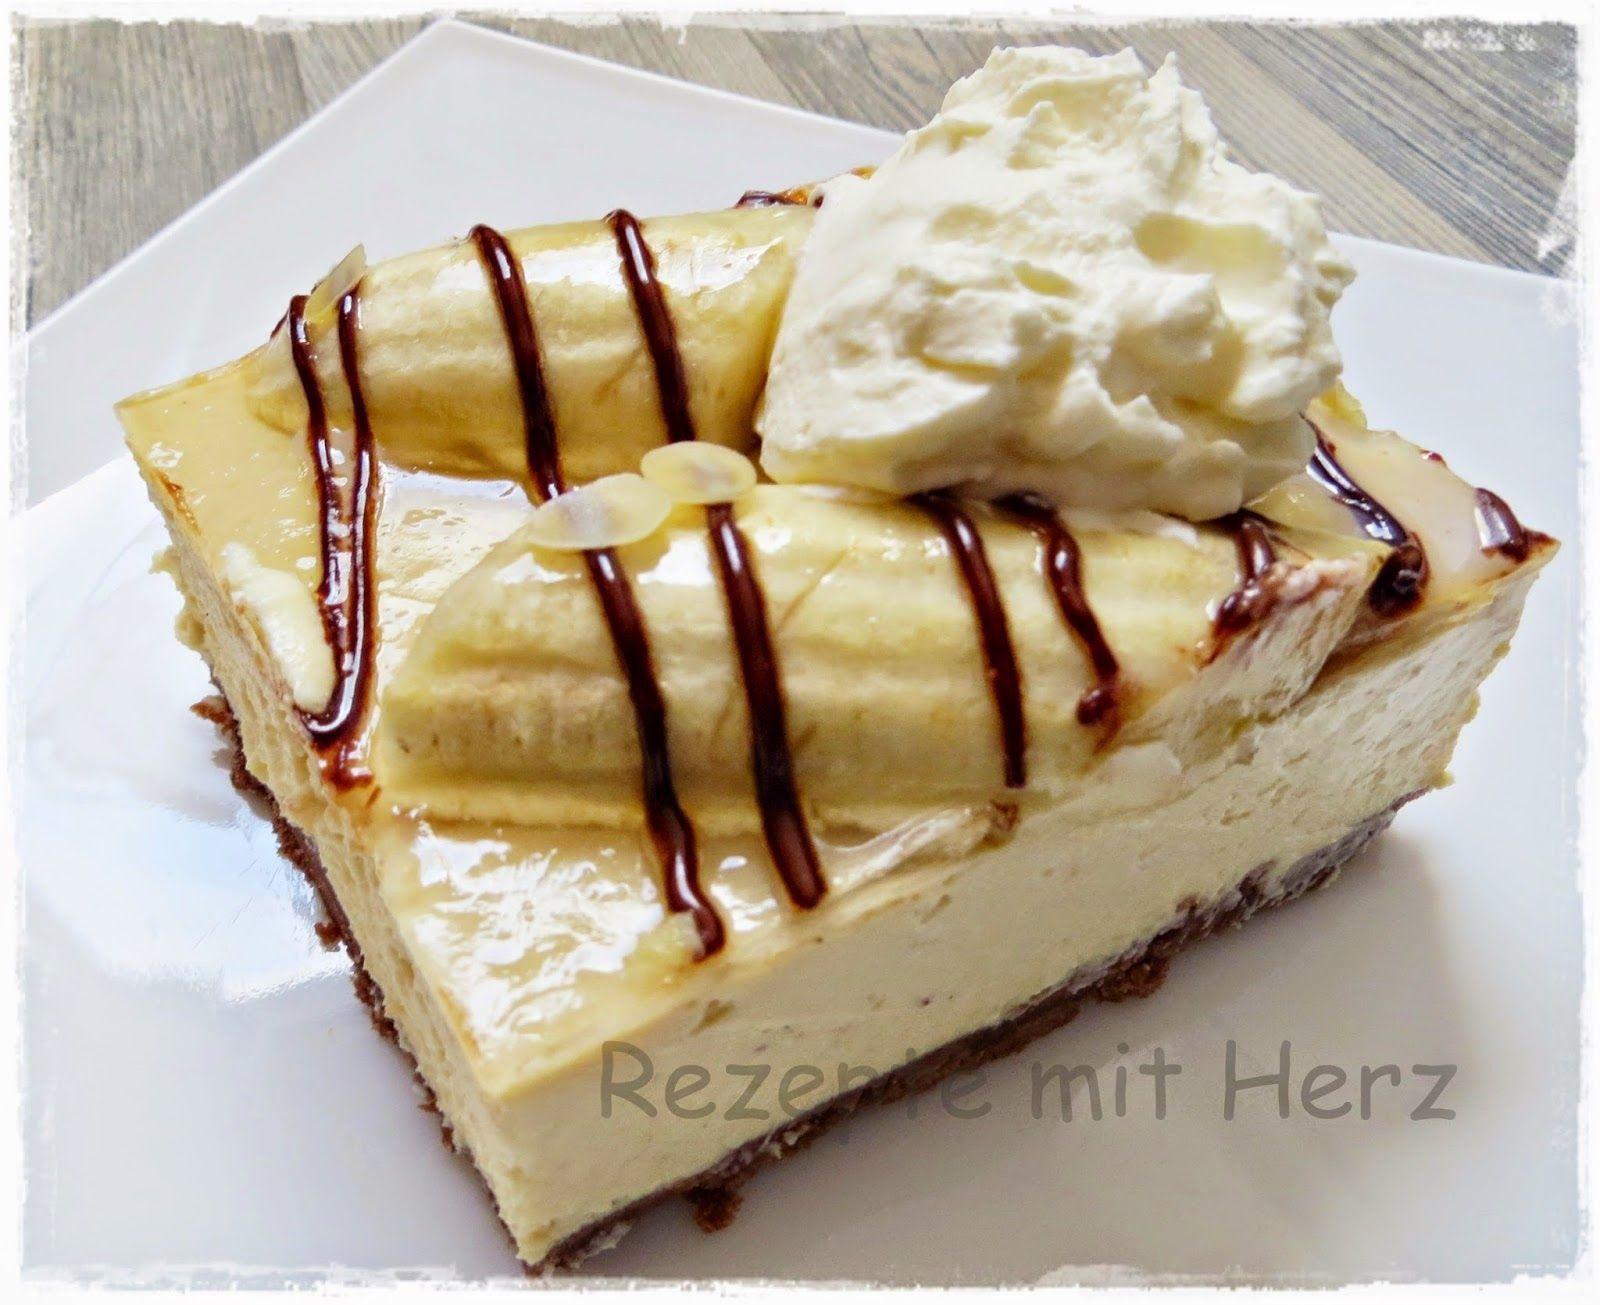 Thermomix Rezepte mit Herz Bananen Split Torte